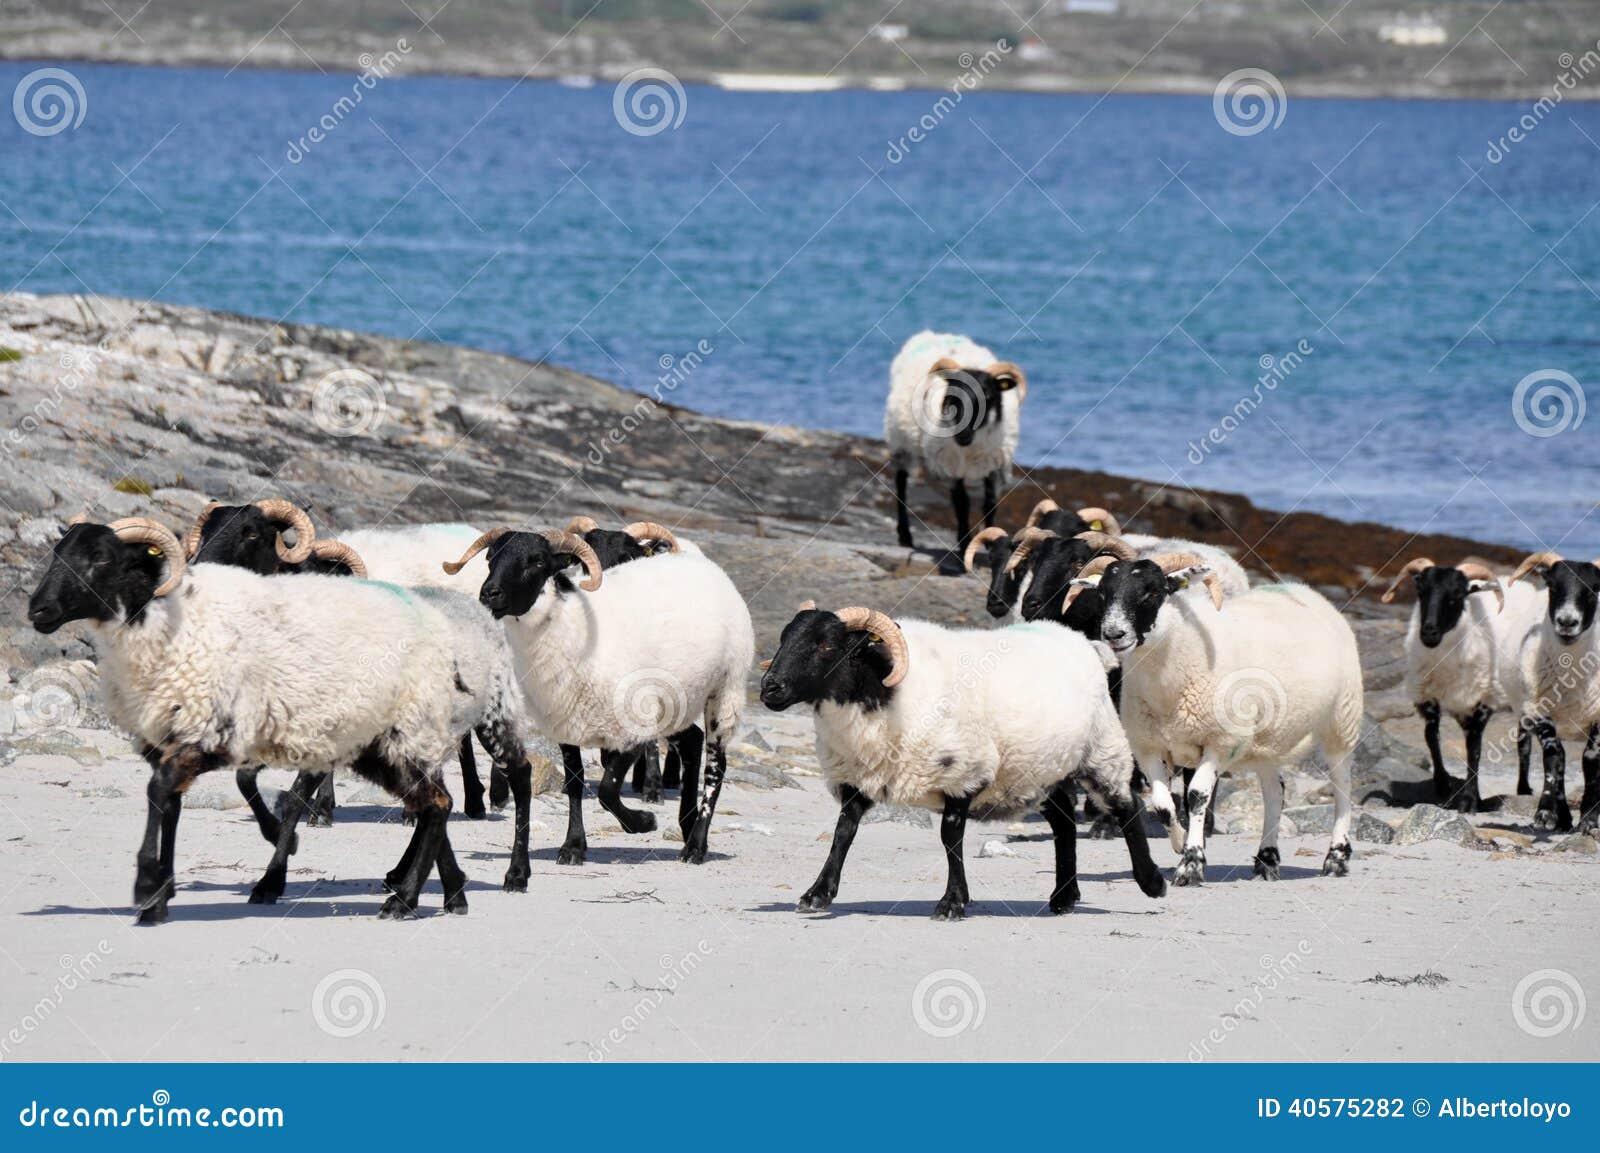 Стадо овец около моря (Ирландия)